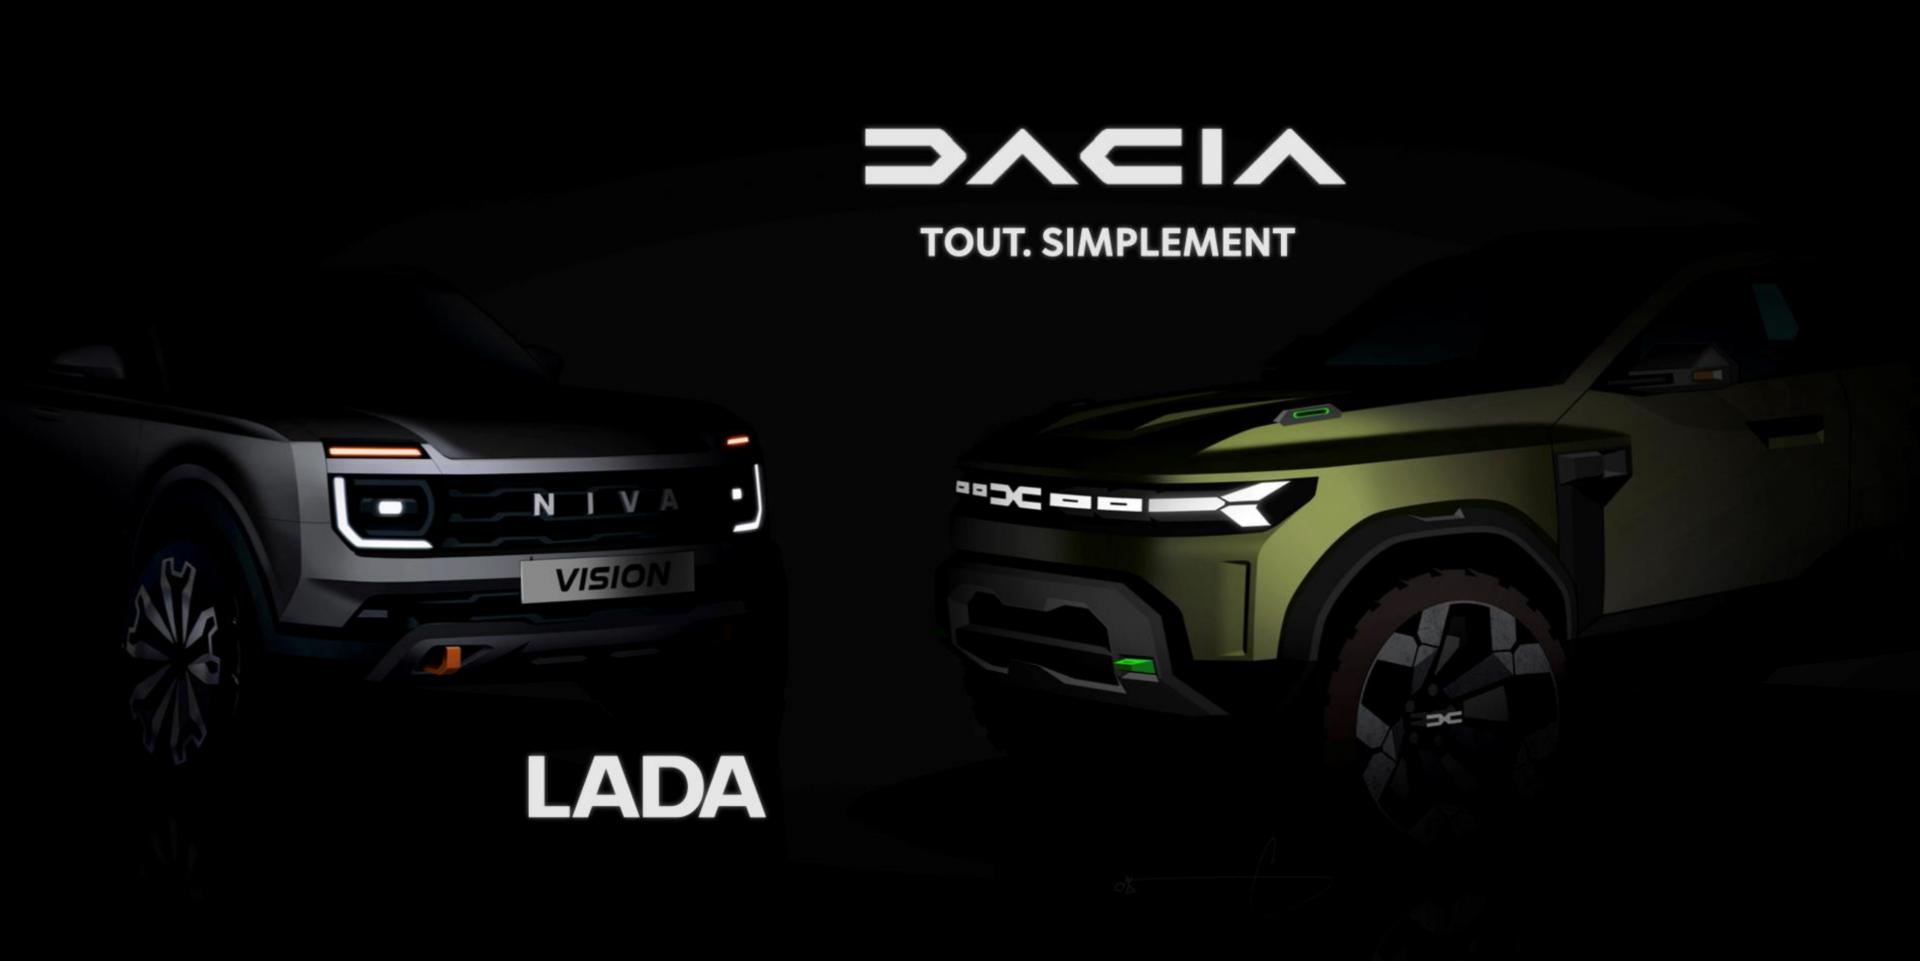 Dacia schimbă logoul, se împrietenește cu rușii de la Lada, va ataca segmentul de mașini clasa C